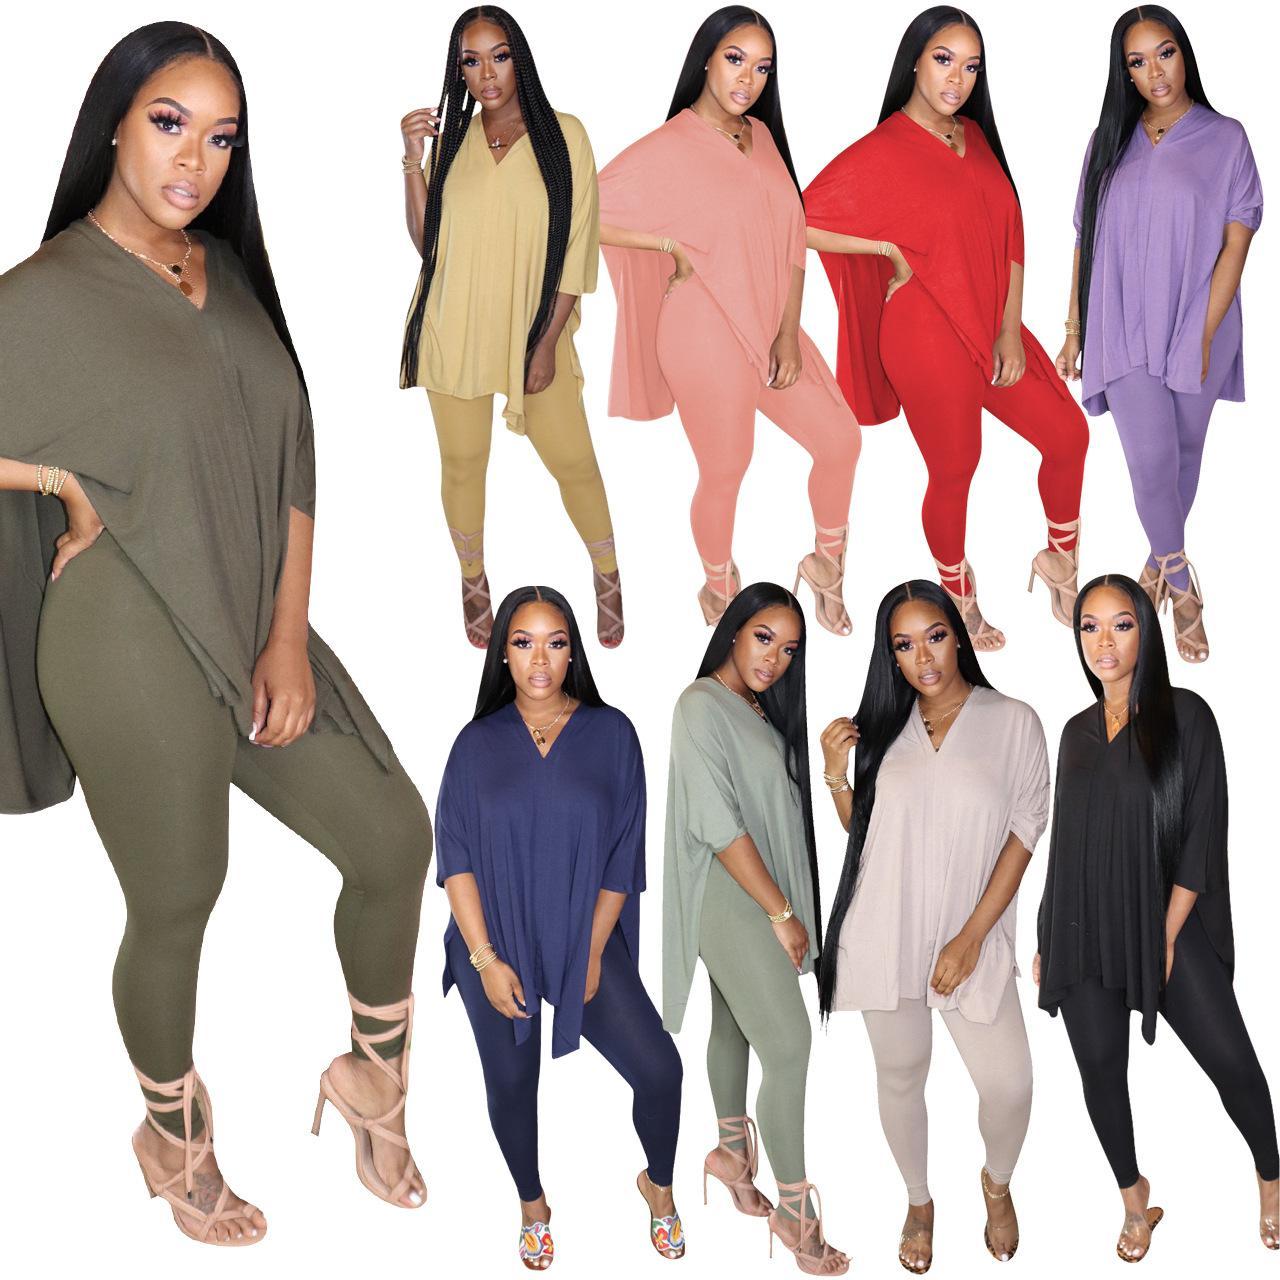 Autumn eşofmanlar v boyun t shirt kadın 2 parçalı set giyim giyim yaz iki parçalı set kadınları donatacak